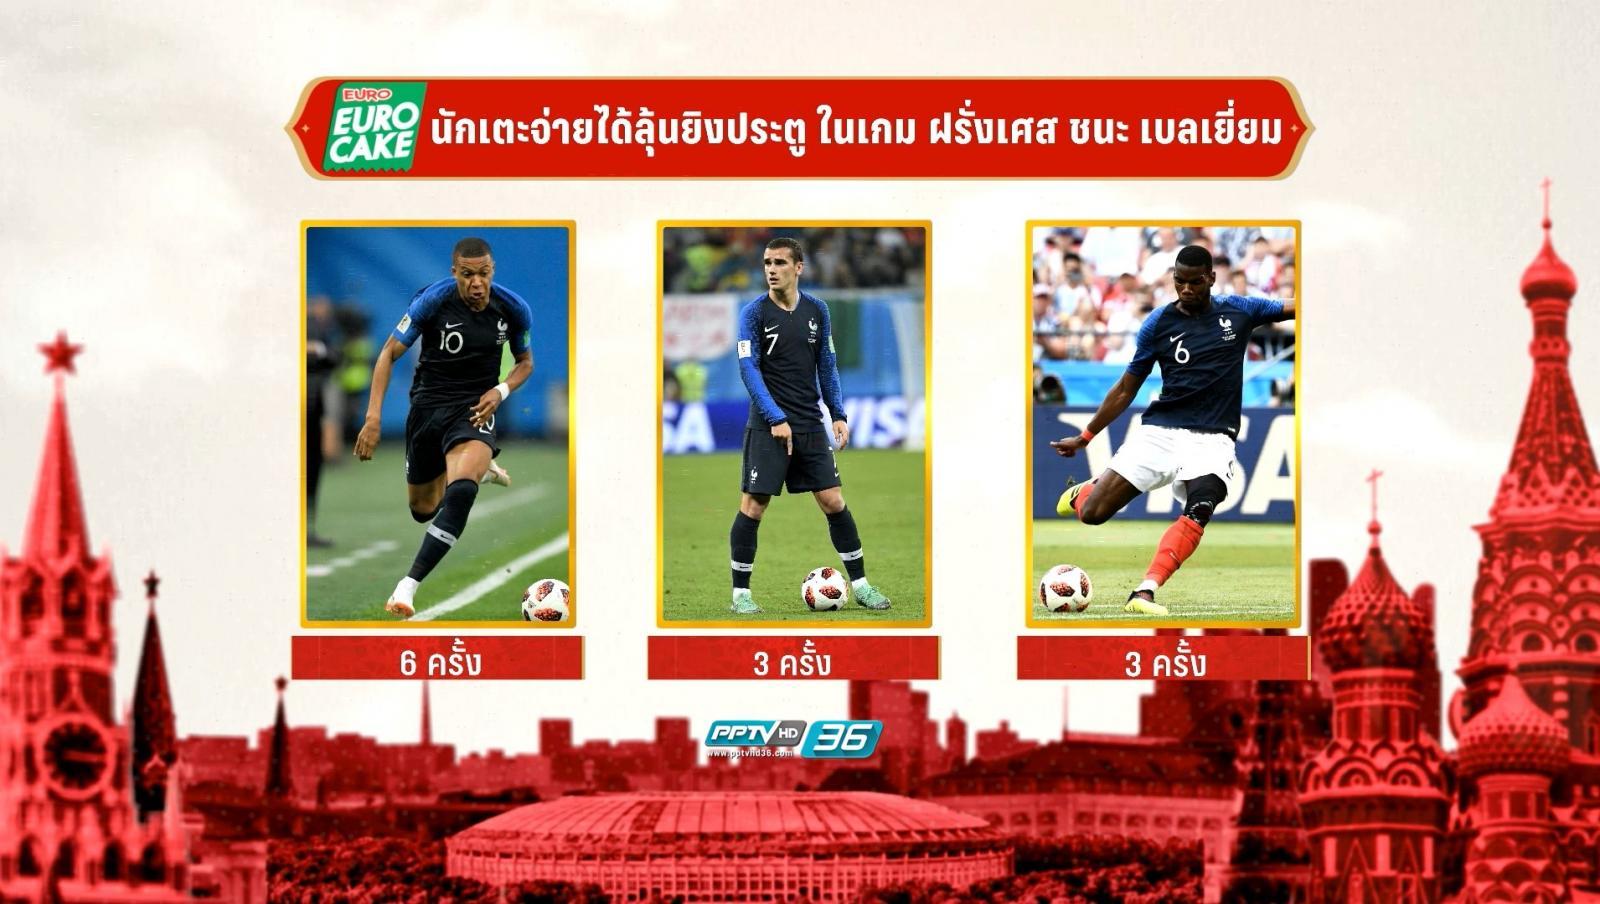 """สถิติ """"ฝรั่งเศส-โครเอเชีย"""" สูสีก่อนชิงชัยฟุตบอลโลก"""